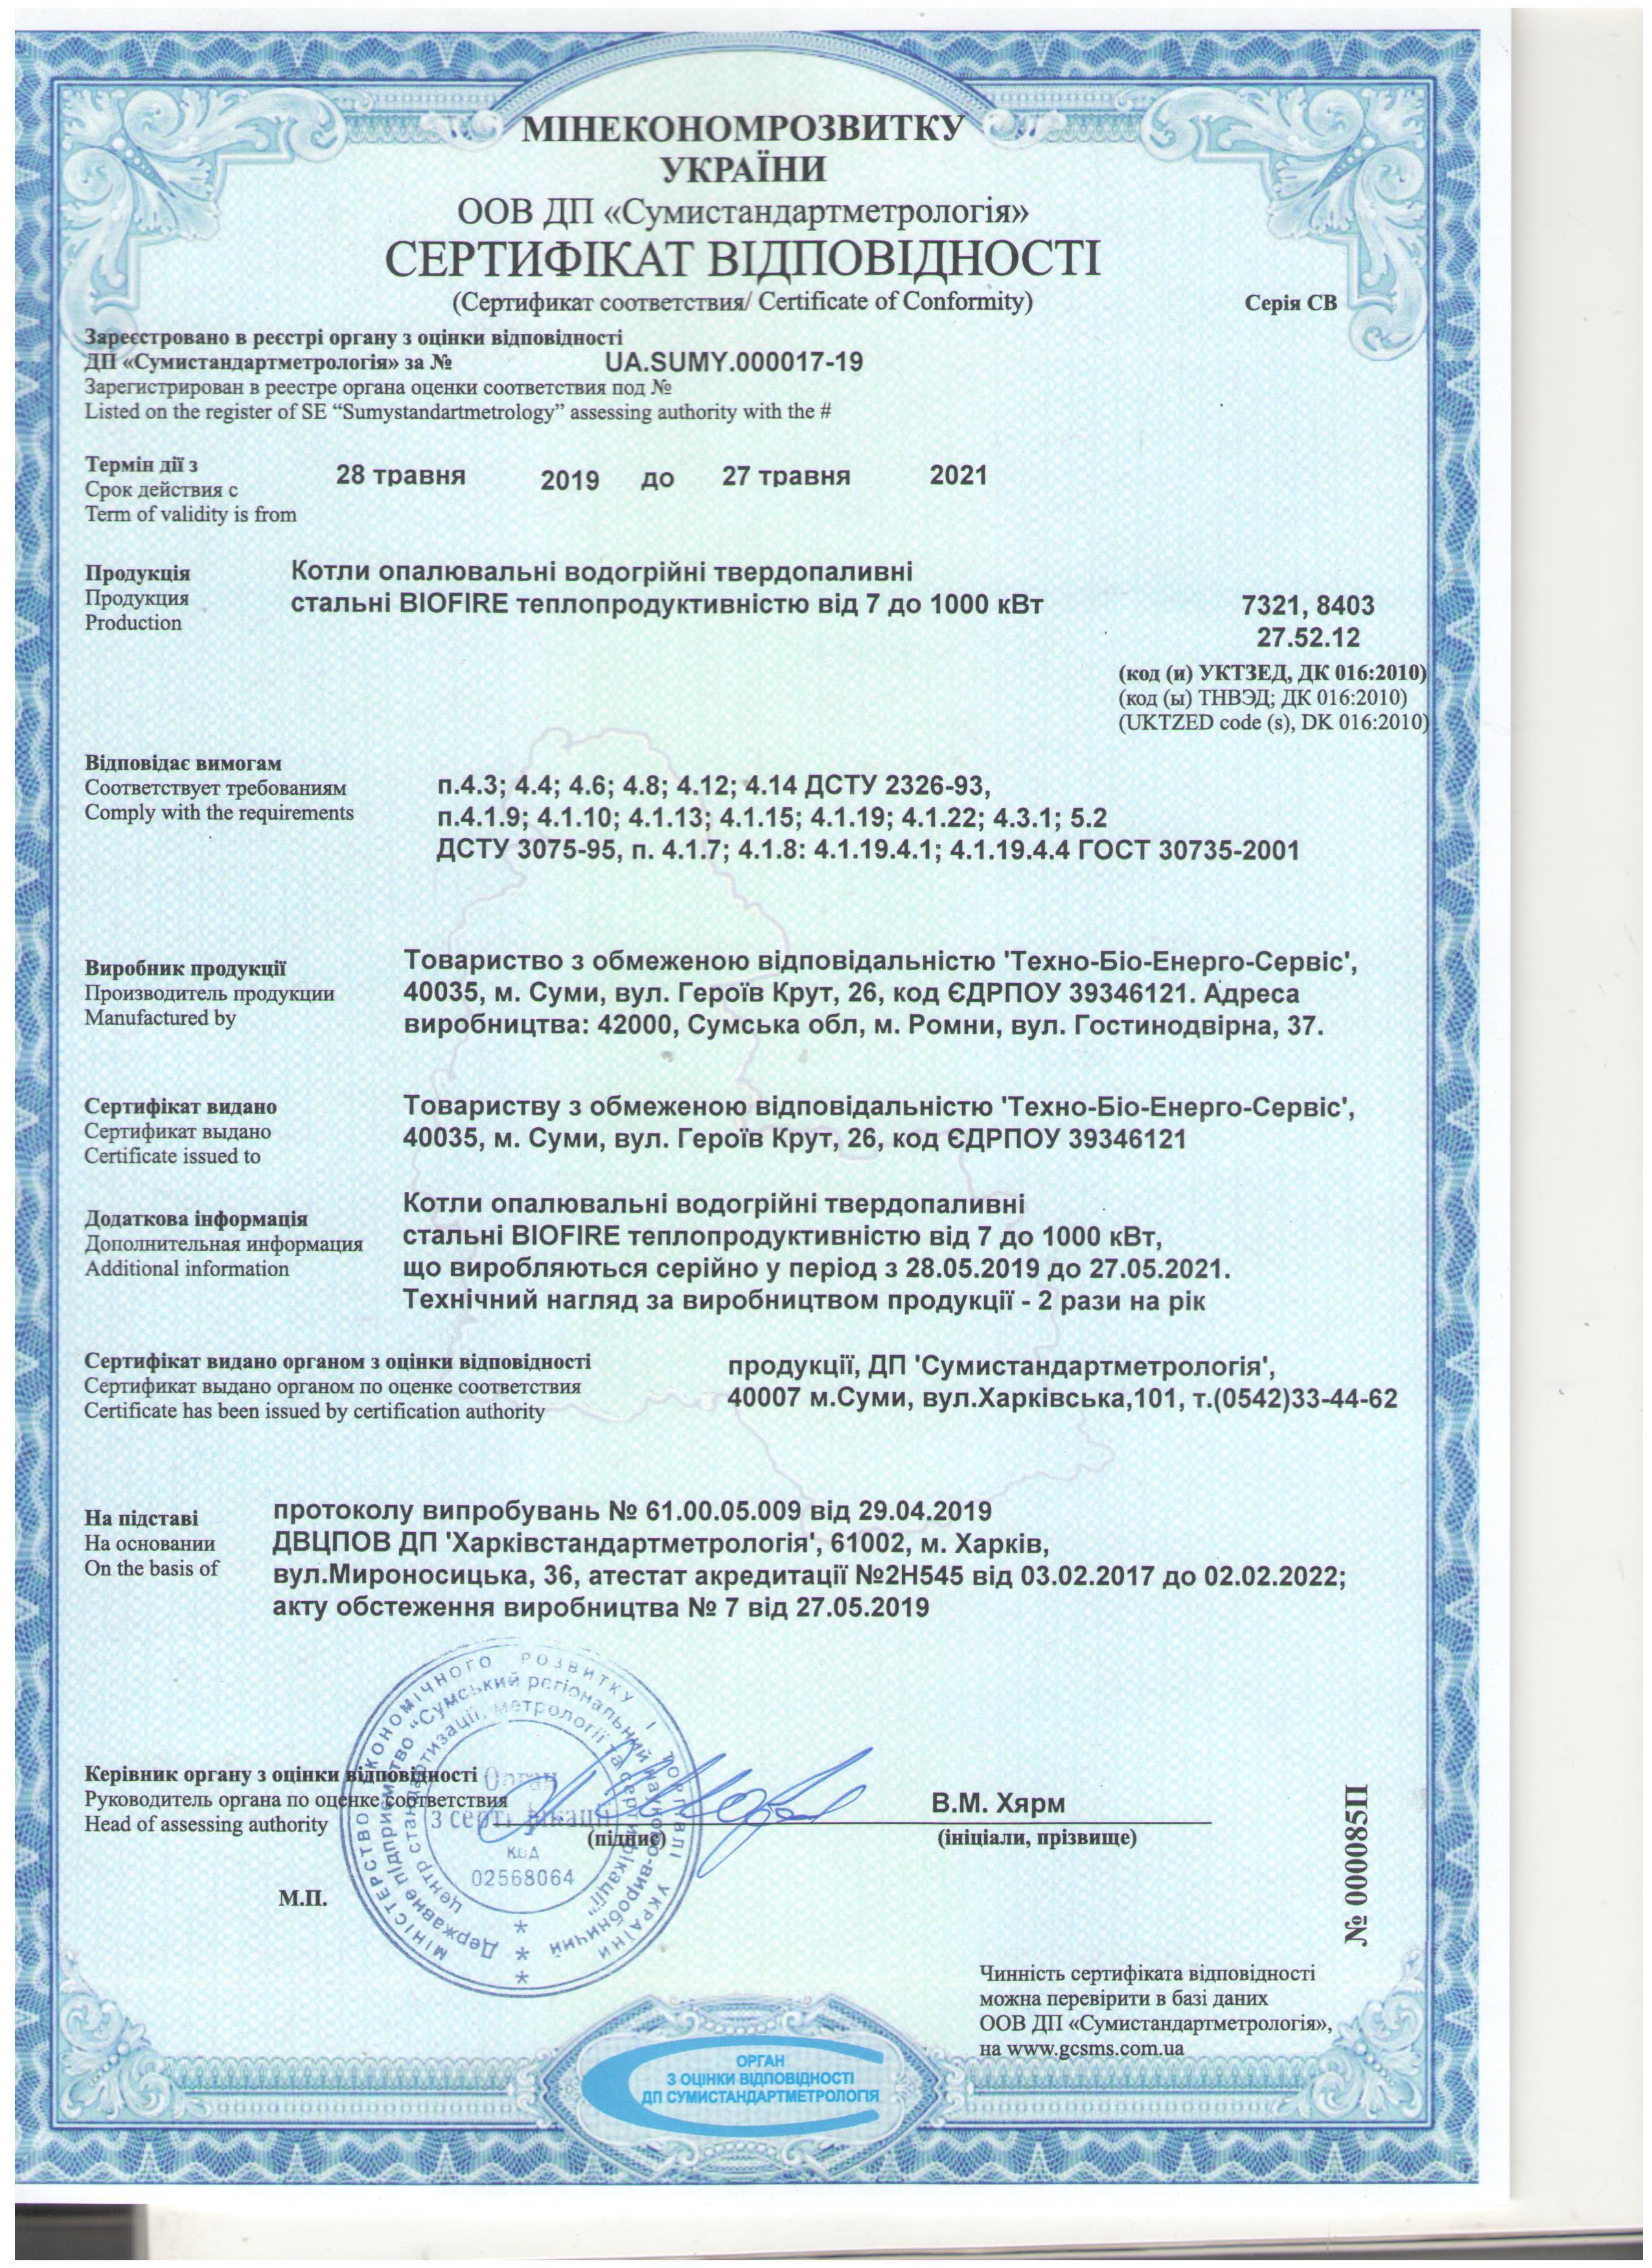 Техно-Био-Энерго-Сервис, ООО